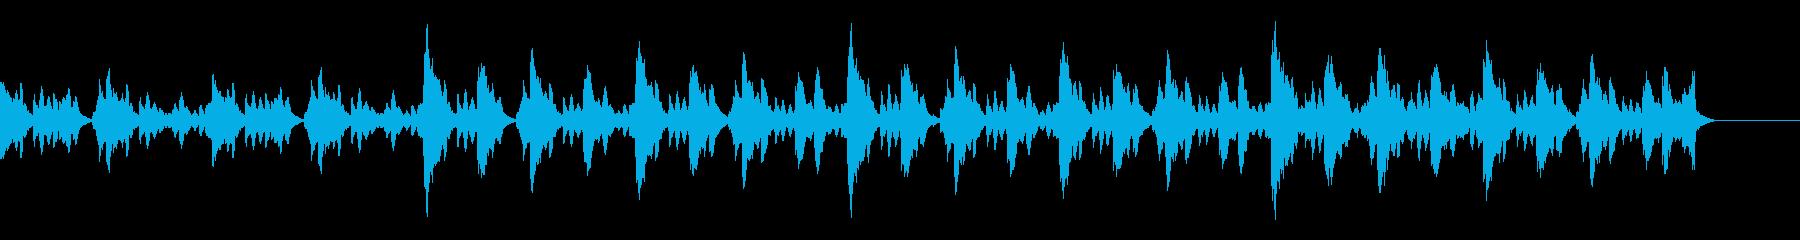 幻想的で神秘的なマリンバ(木琴)BGMの再生済みの波形